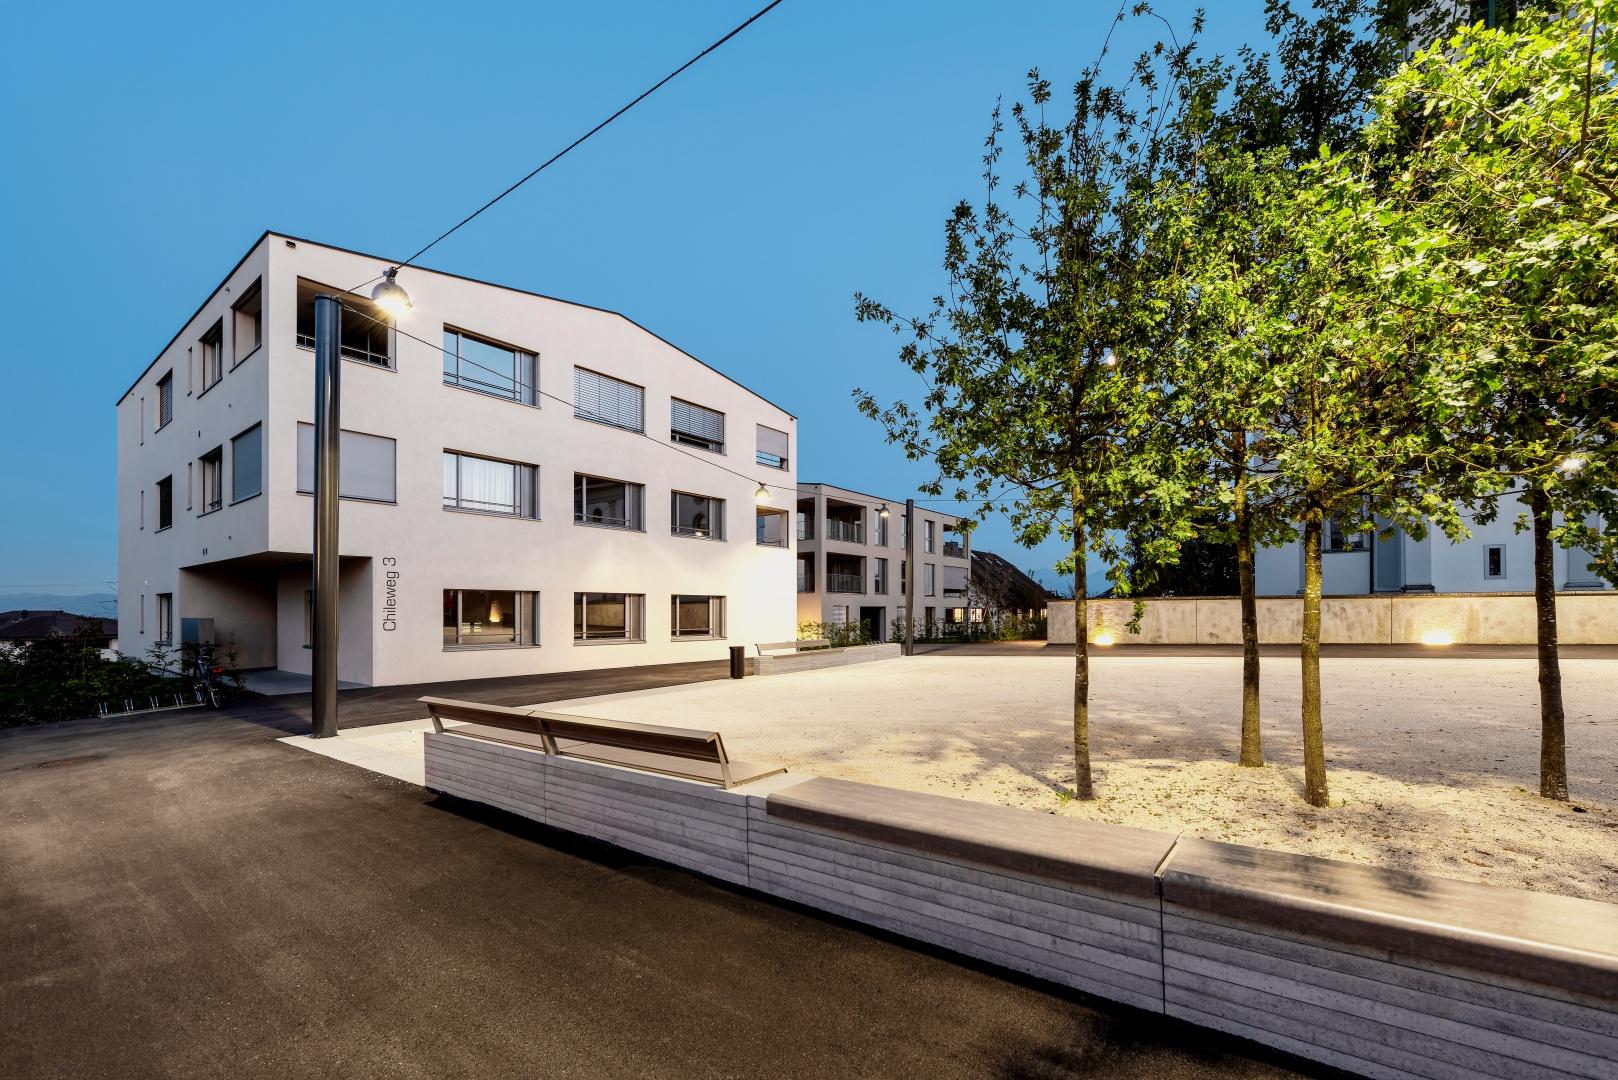 Der Dorfplatz neben der Barockkirche ist das neue soziale Zentrum für die Bewohner der kleinen Gemeinde Rain im Kanton Luzern.  © Bruno Meier, Sursee